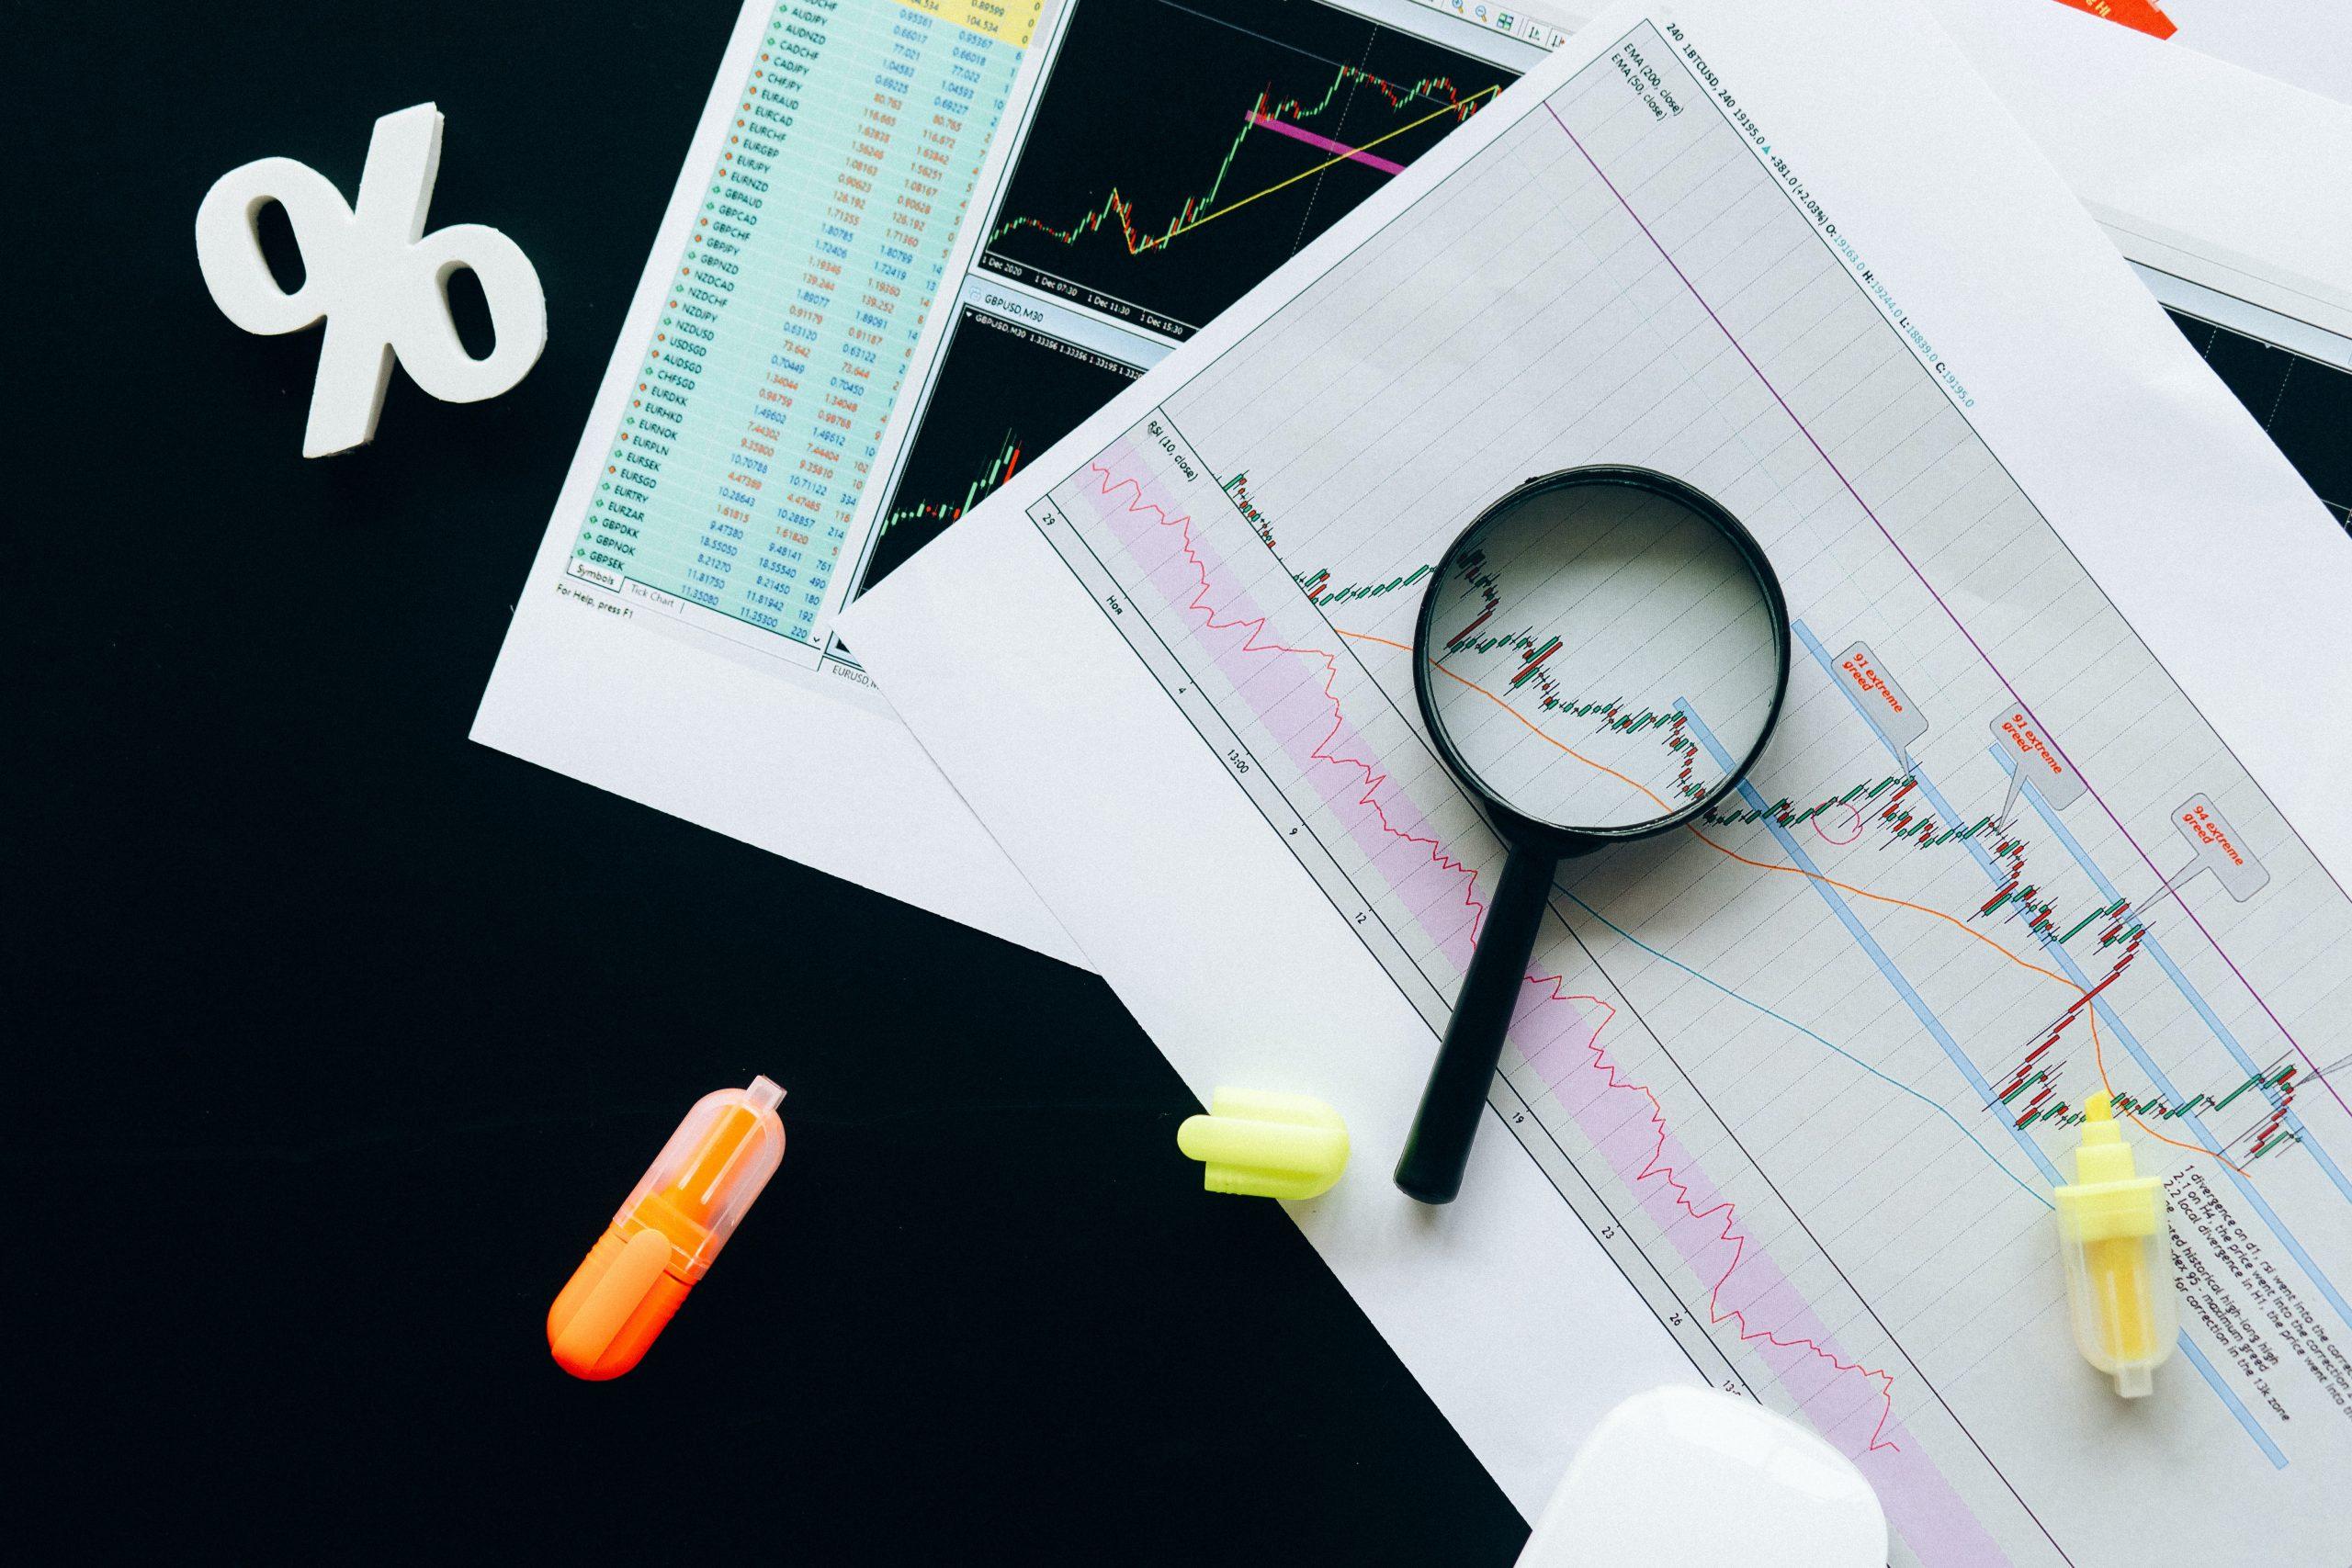 2 façons progressives d'augmenter les profits tout en réduisant les dépenses